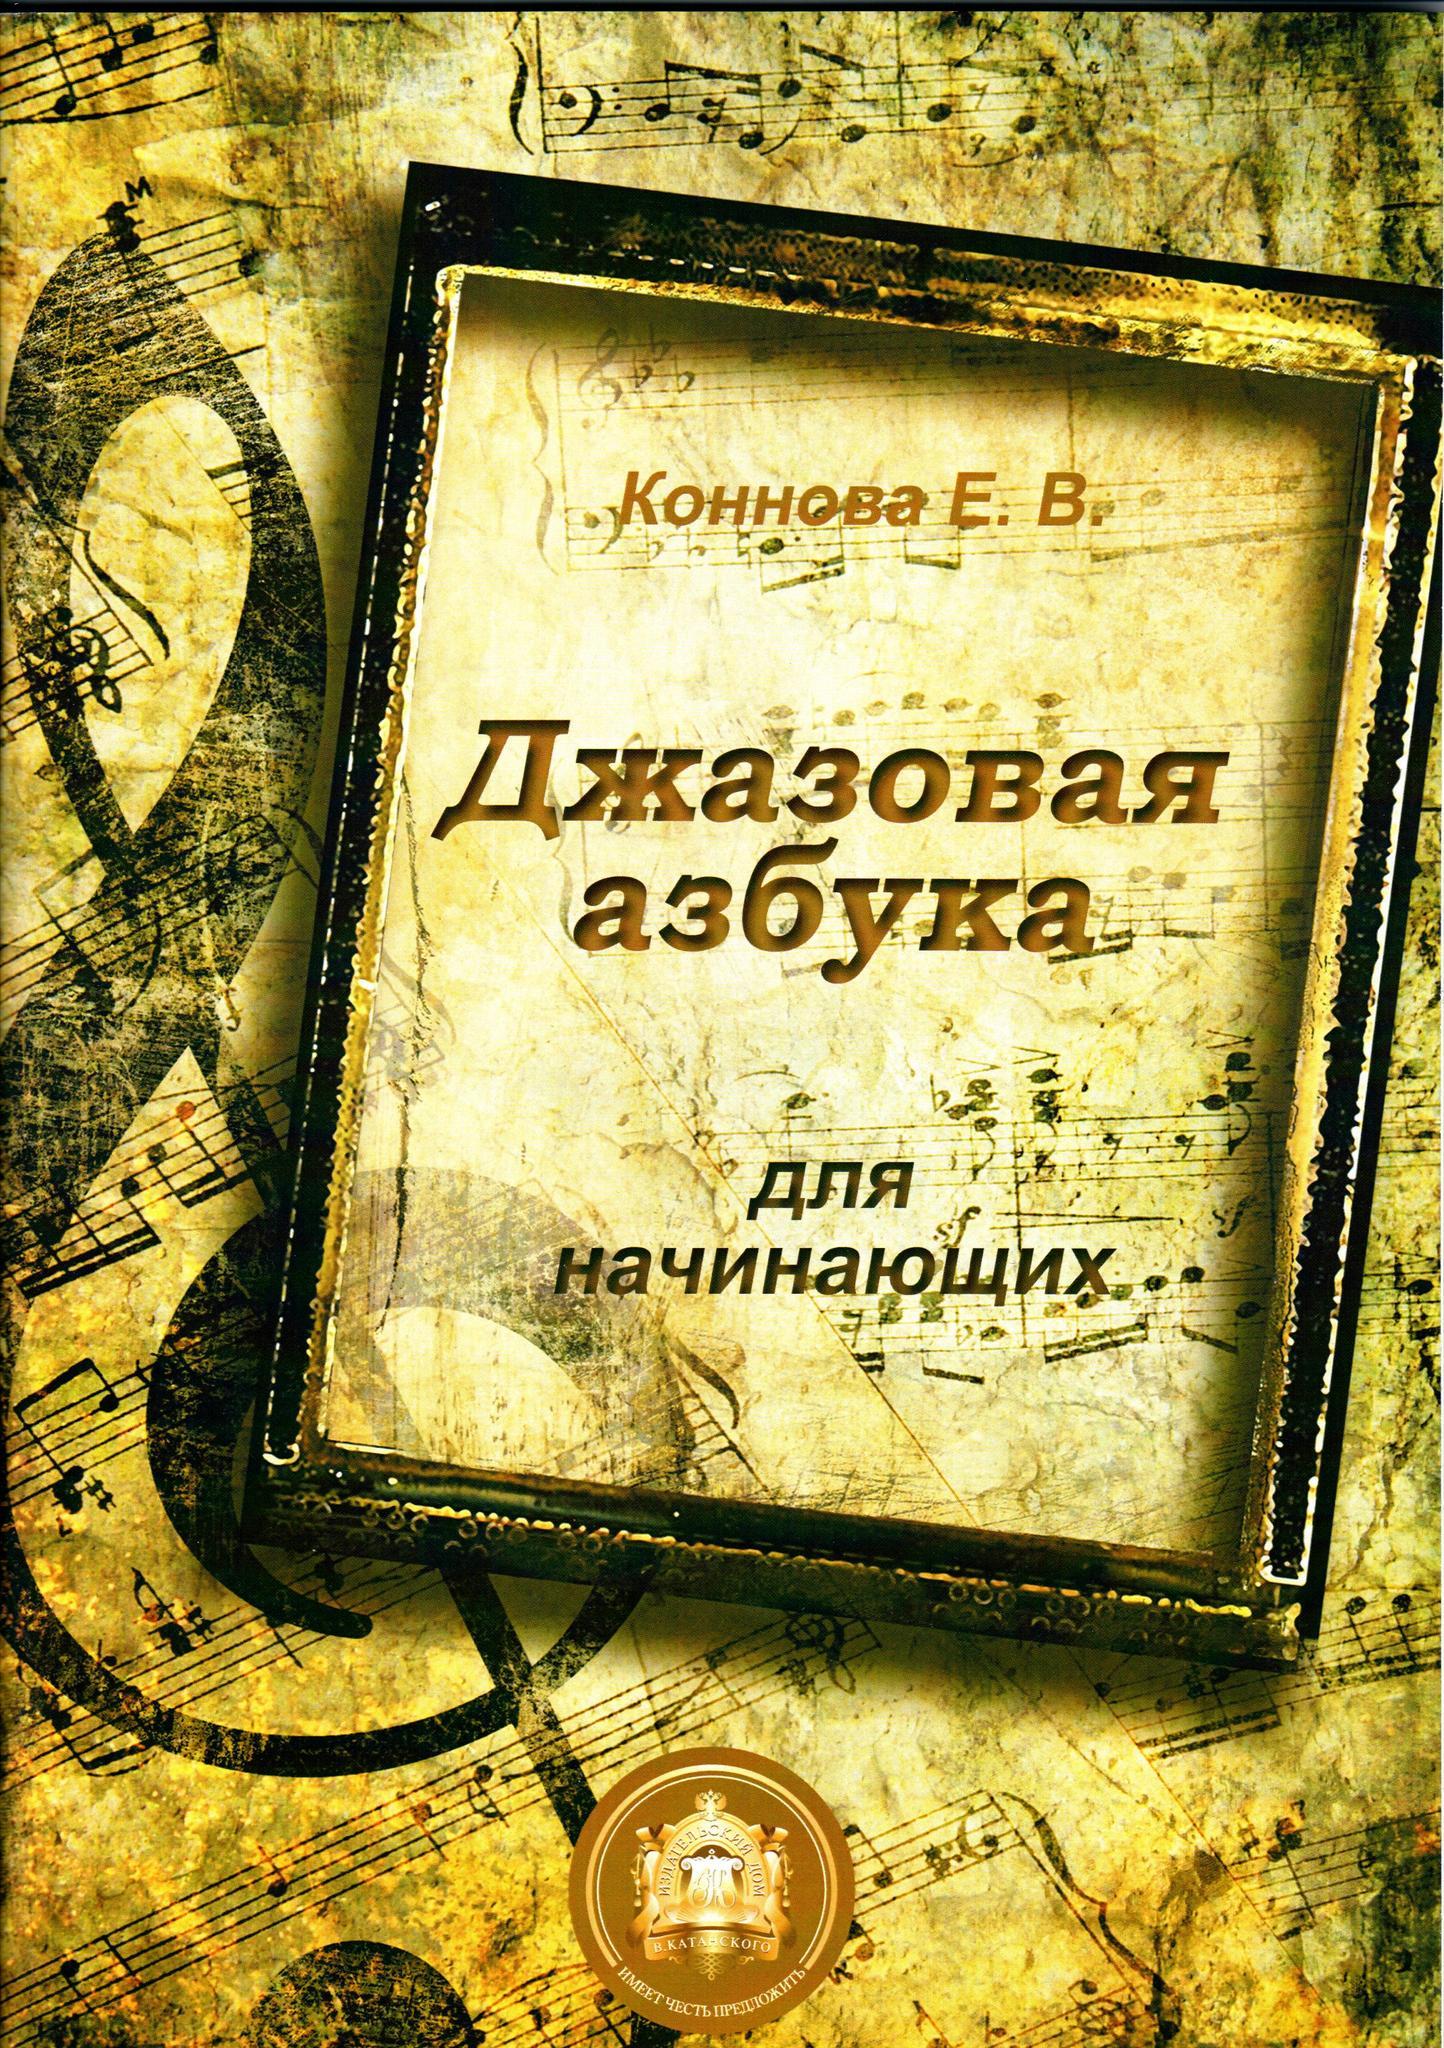 Е. В. Коннова. Джазовая азбука для начинающих